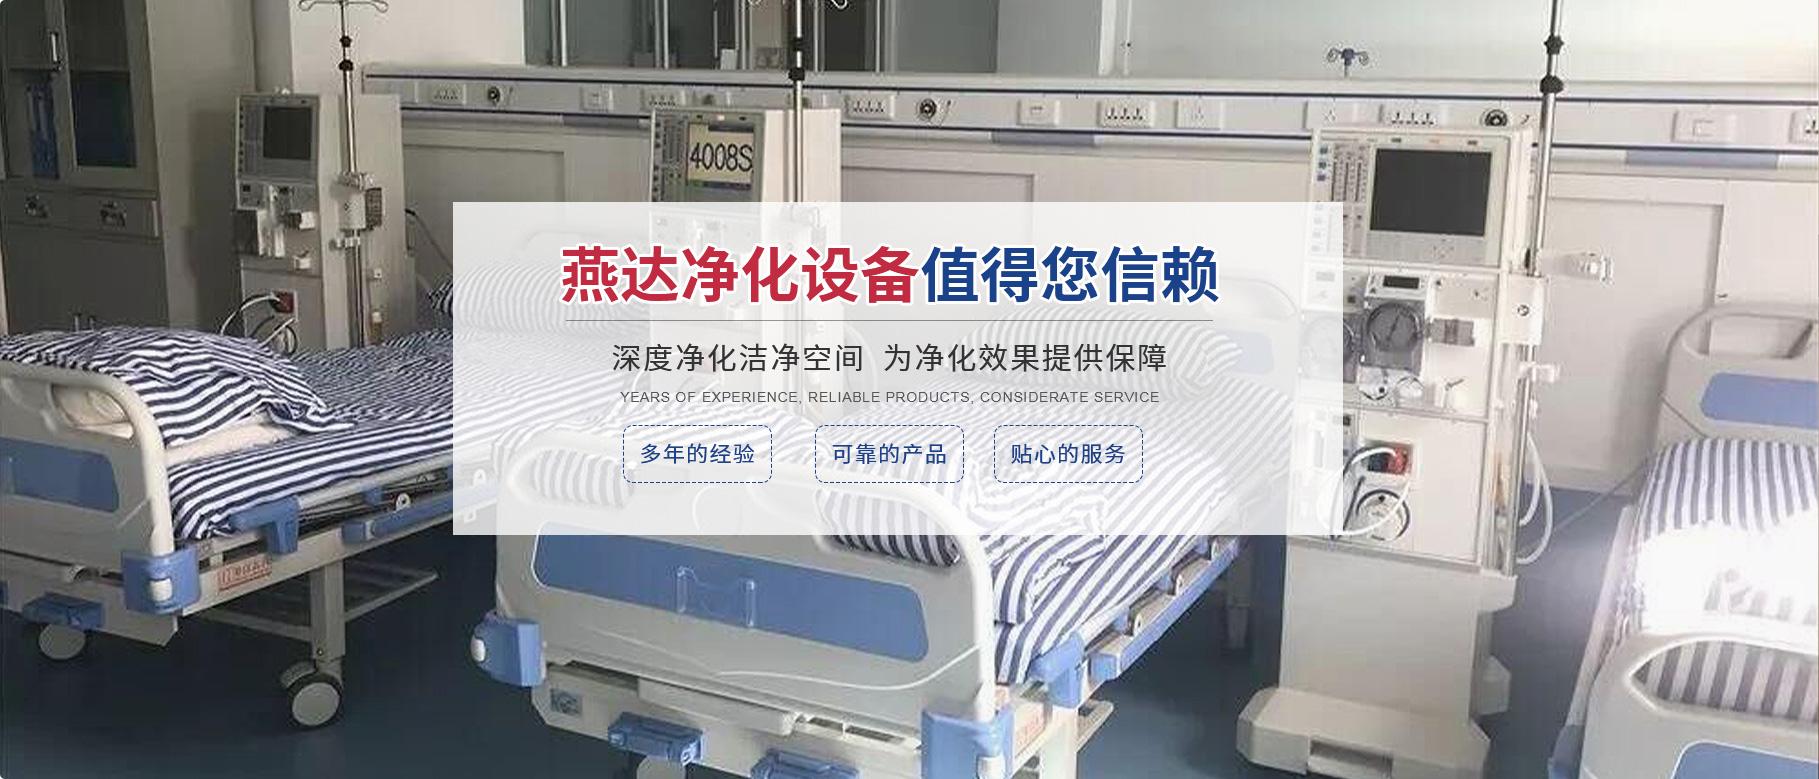 张家口手术室净化工程